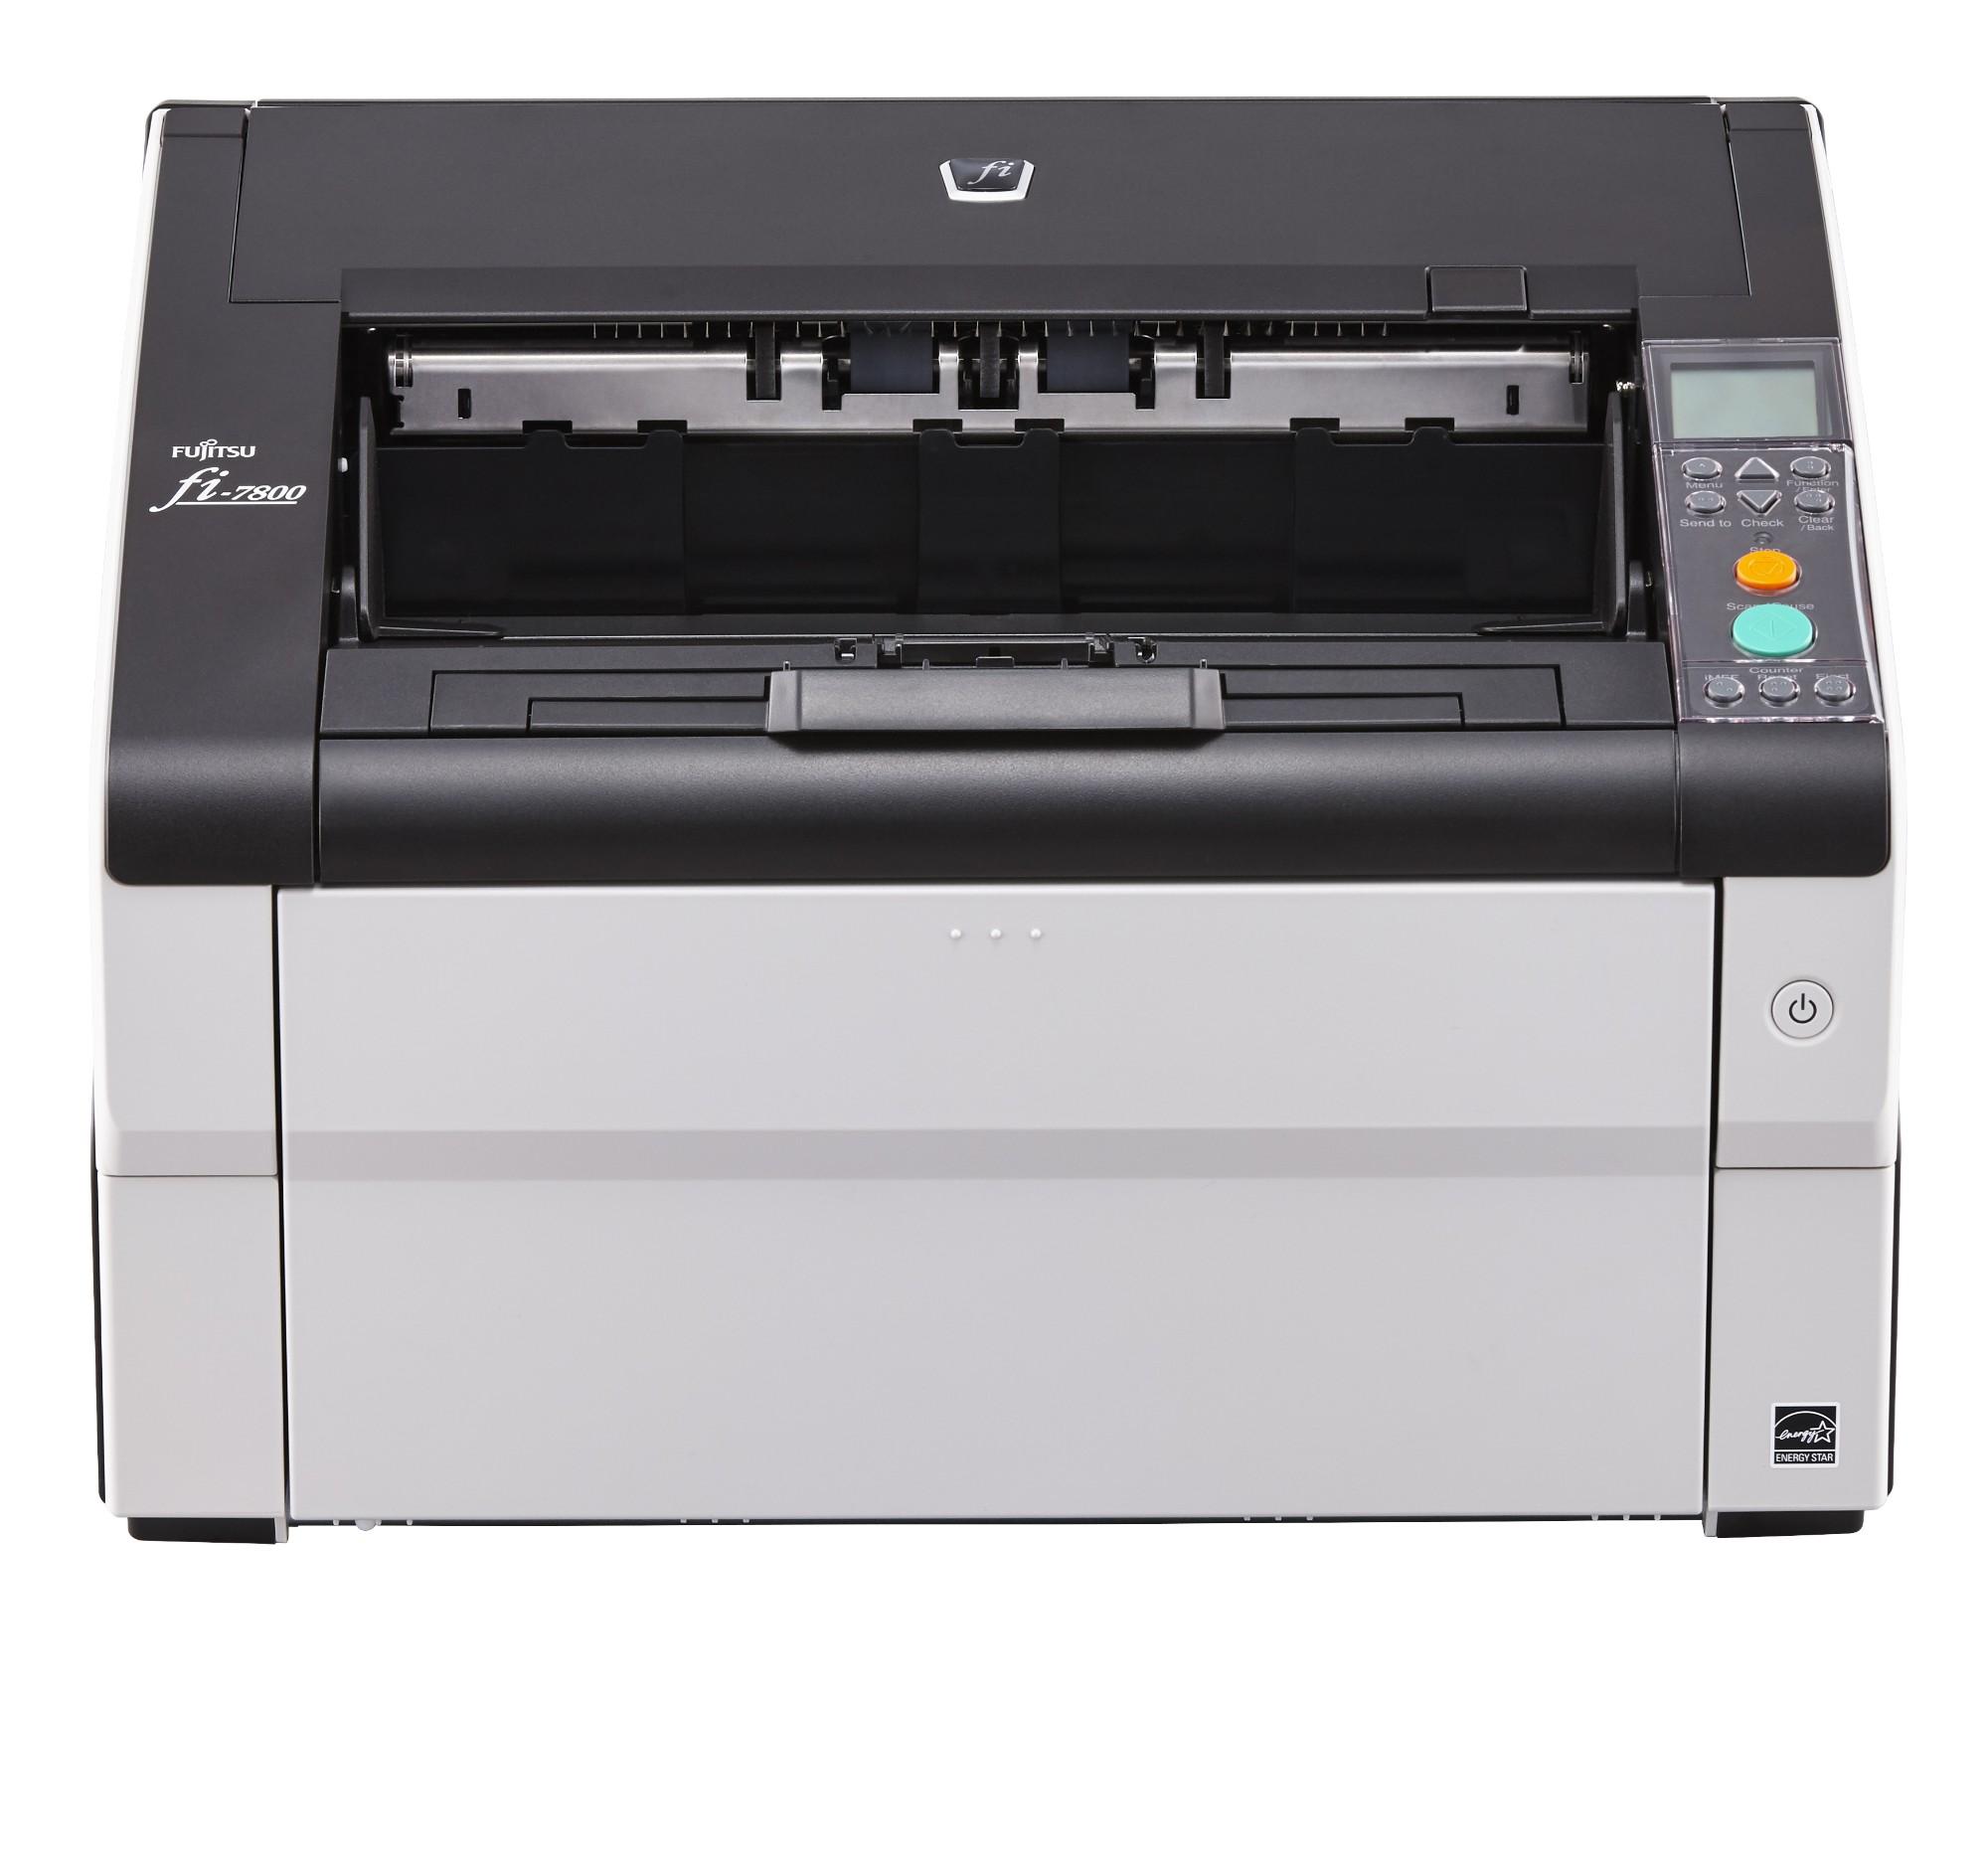 Fujitsu fi-7800 ADF + Manual feed scanner 600 x 600 DPI A3 Black, Grey